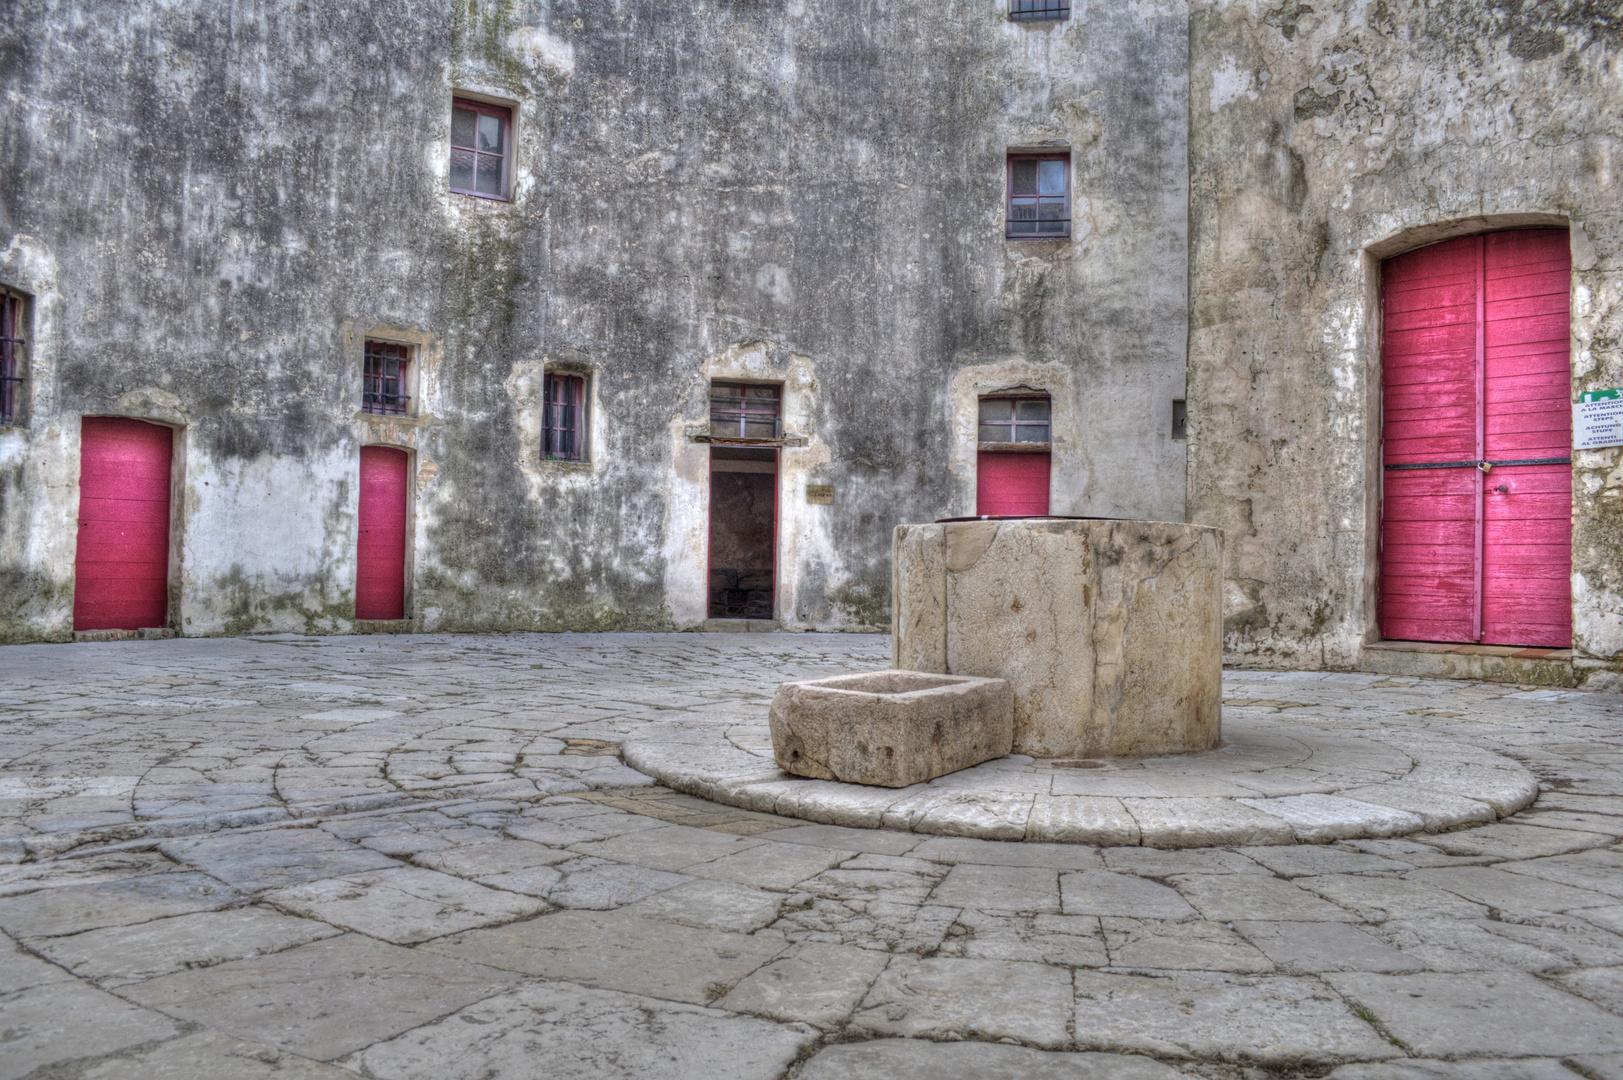 Le Puits dans la cour du Fort HDR